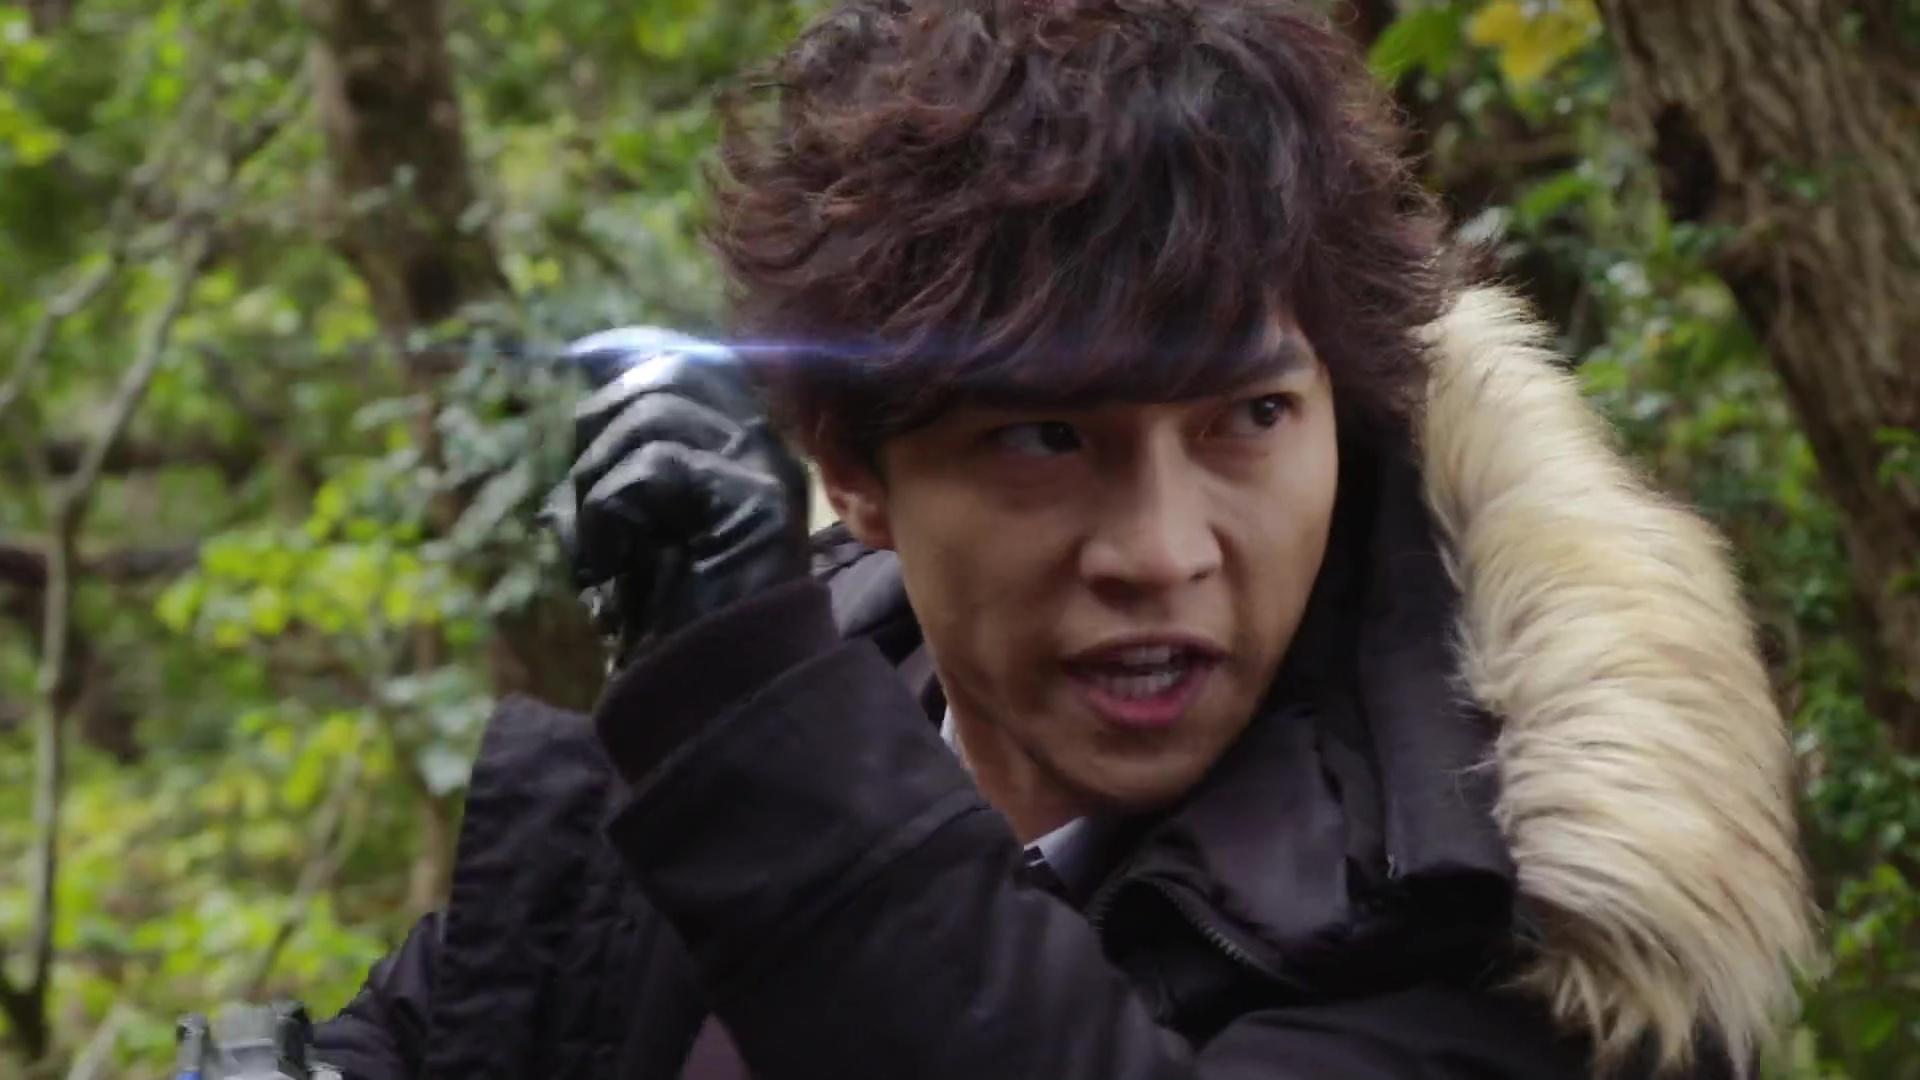 Kamen Rider Zero One Episode 20 Recap